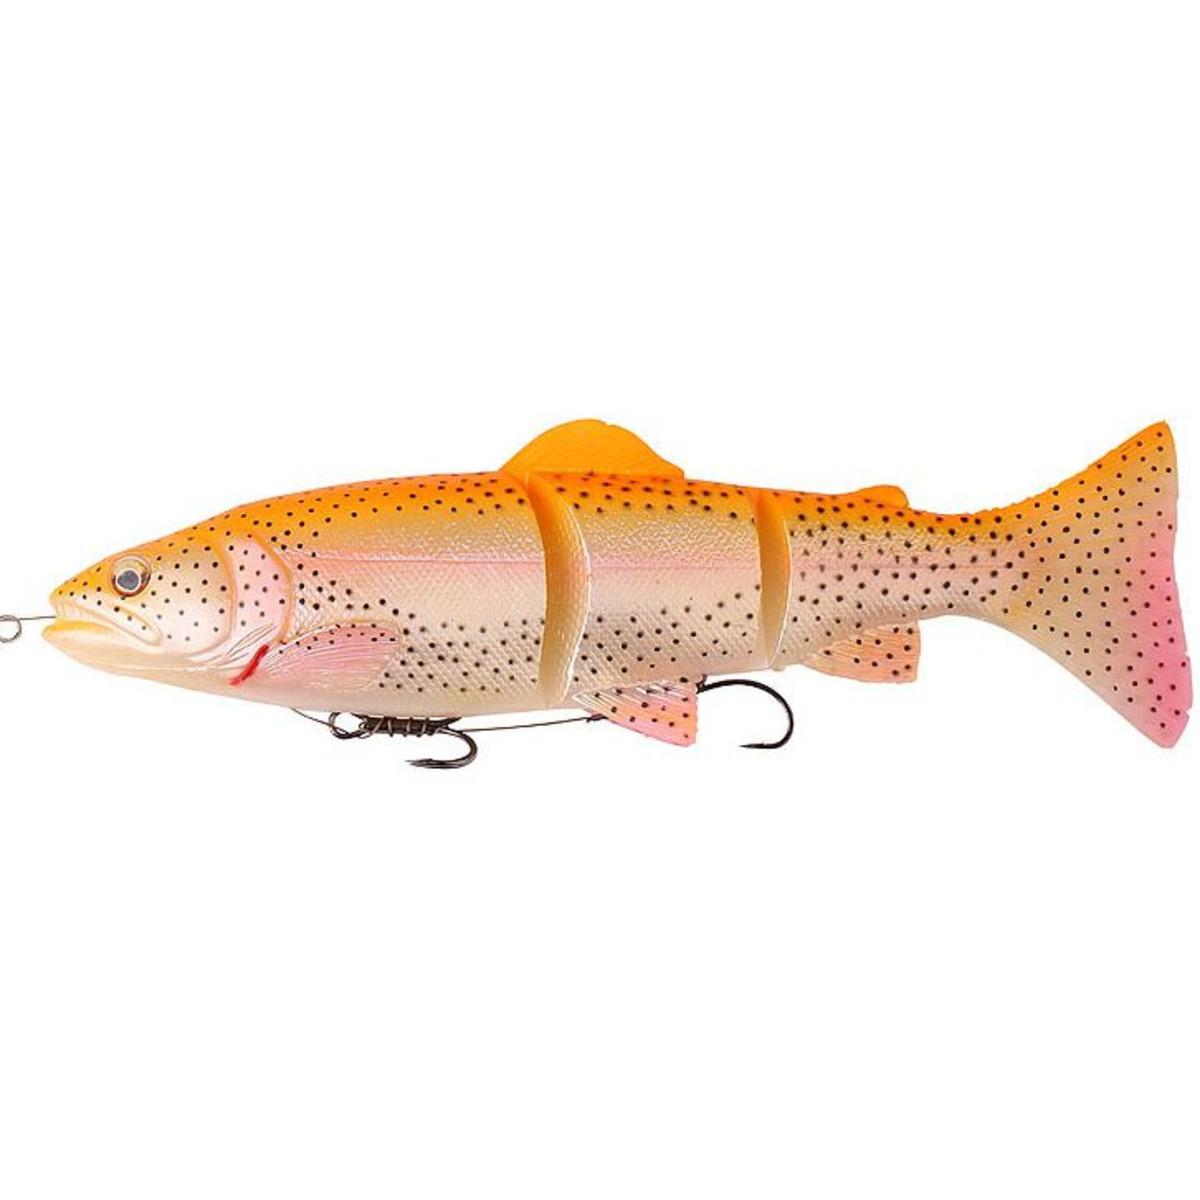 Savage Gear 3D Trout Line Thru - 30 cm - 303 g - Golden Albino